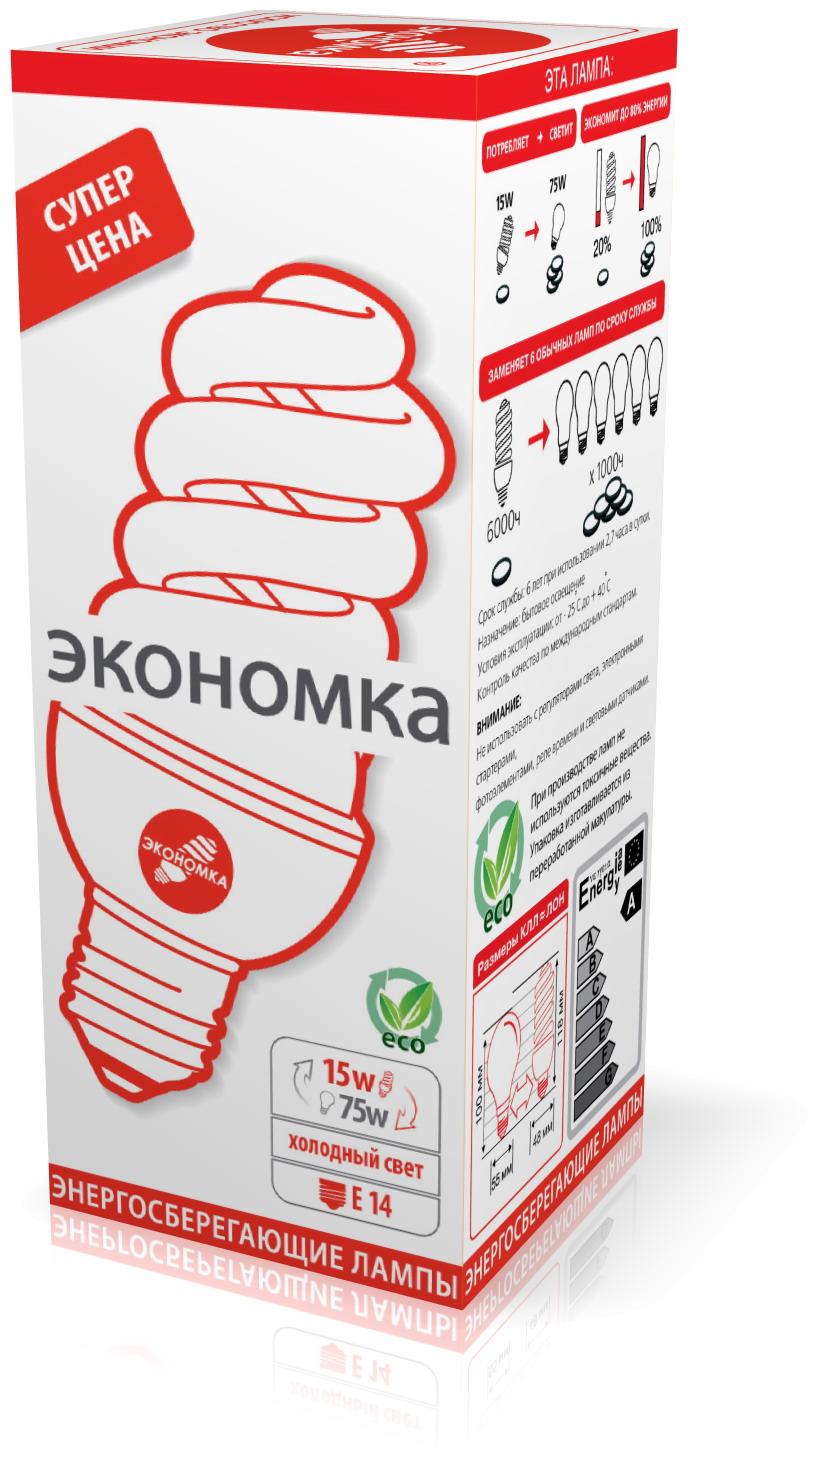 Лампа энергосберегающая ЭКОНОМКА 15Ватт 4200К Е14 Т3 лампа энергосберегающая экономка 15ватт 4200к е27 т3